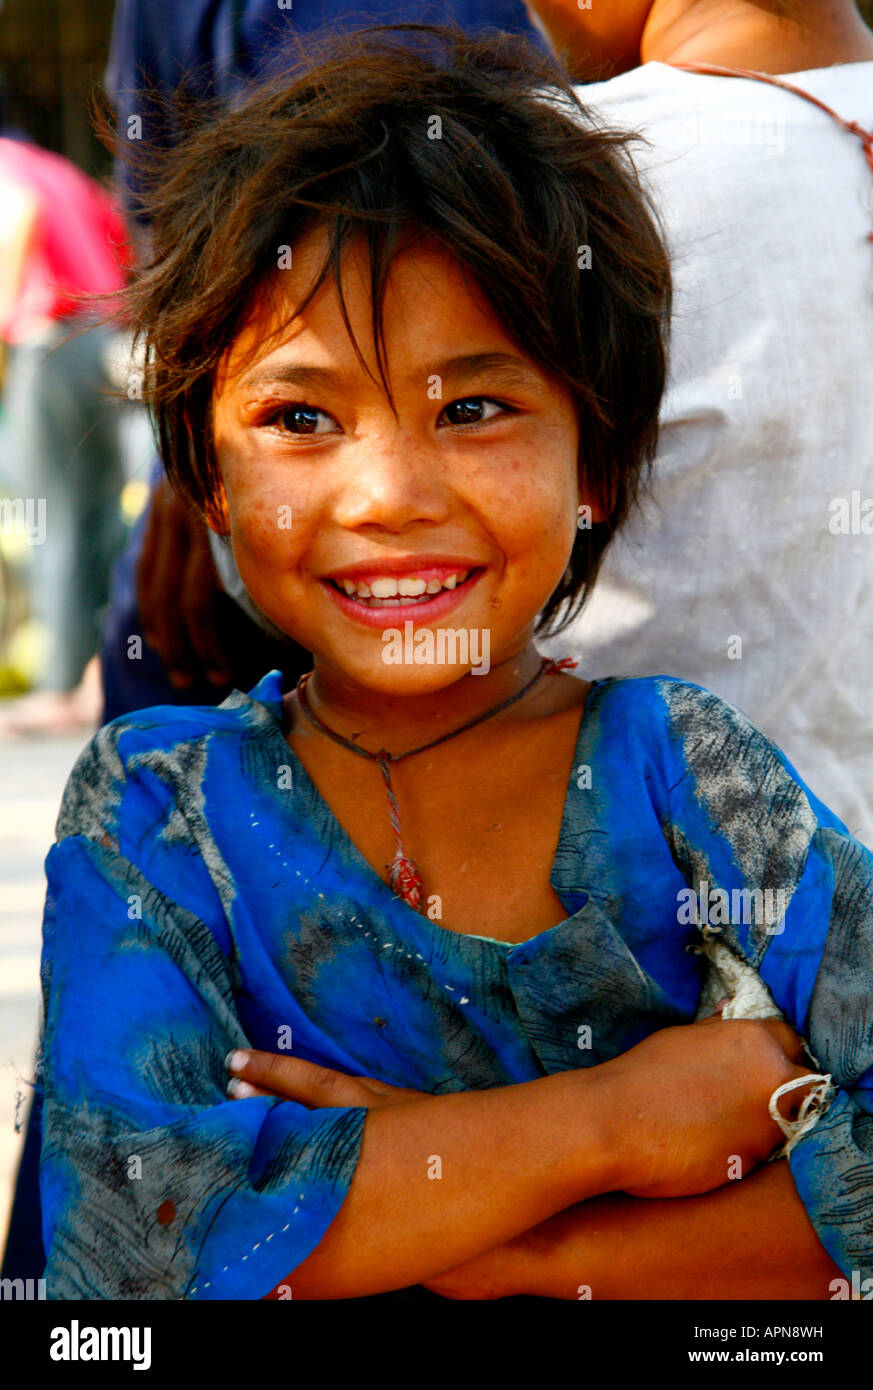 Enfant de la rue, avec sourire innocent - Myanmar, Birmanie Banque D'Images